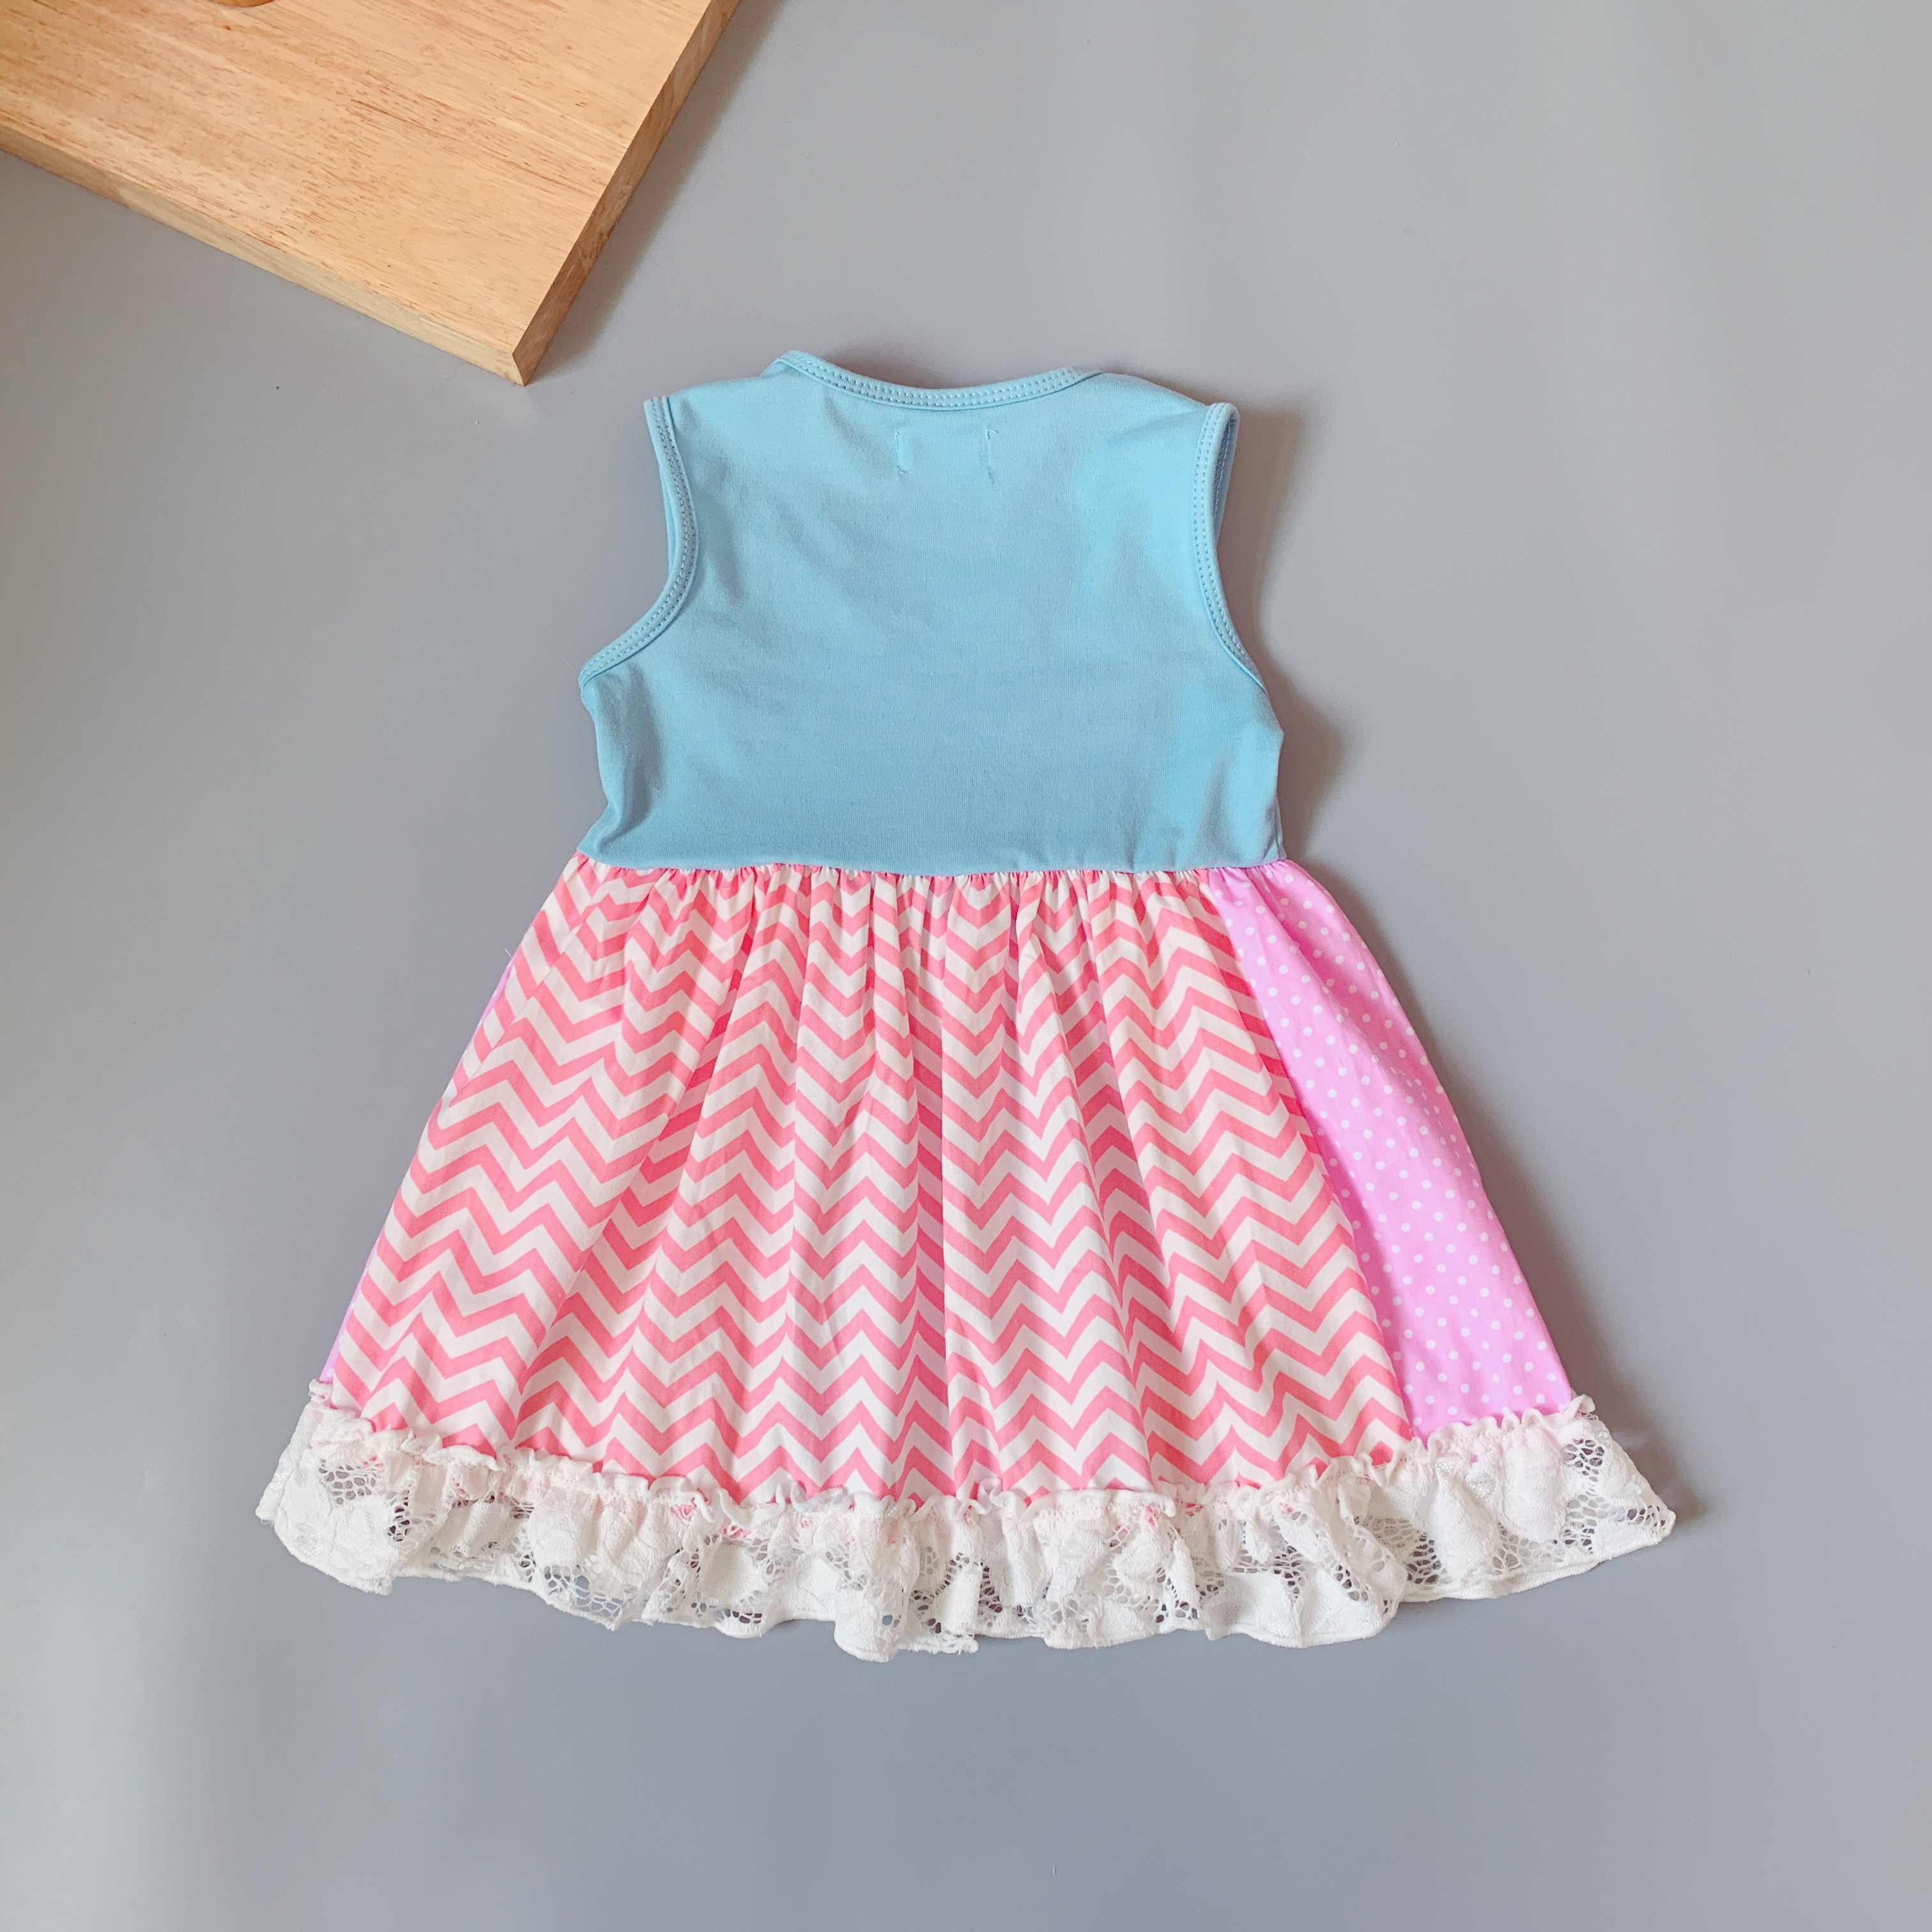 Летние топы синего цвета для маленьких девочек; милое платье с рисунком единорога и цыпленка; цветная майка; платья с желтыми оборками